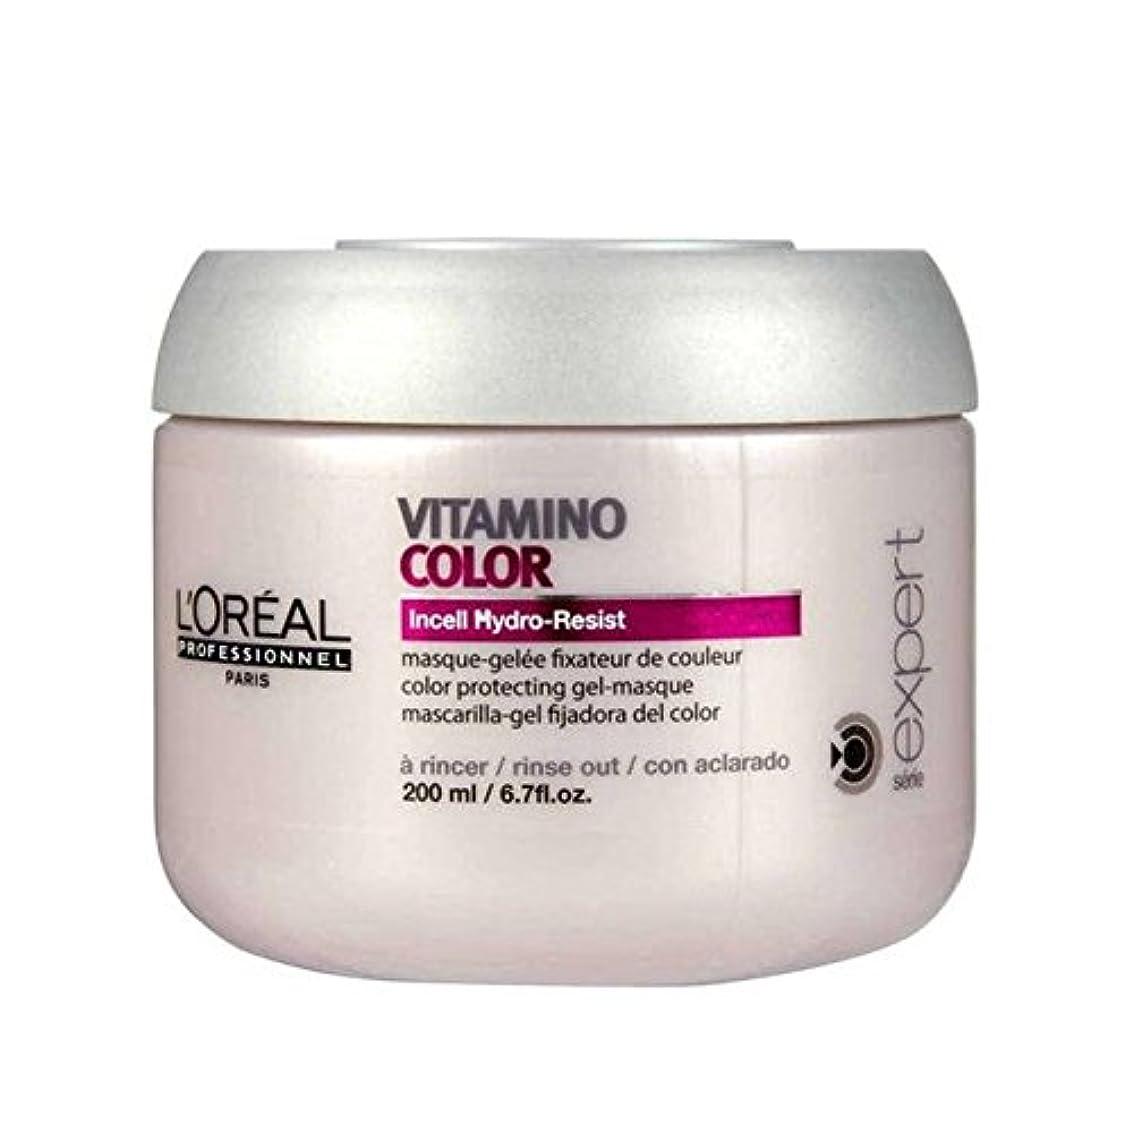 音楽を聴く健康敵対的L'Oreal Professionnel Serie Expert Vitamino Color Masque (200ml) - ロレアルのプロフェッショナルは、専門家カラー仮面劇(200ミリリットル)をセリエ [並行輸入品]